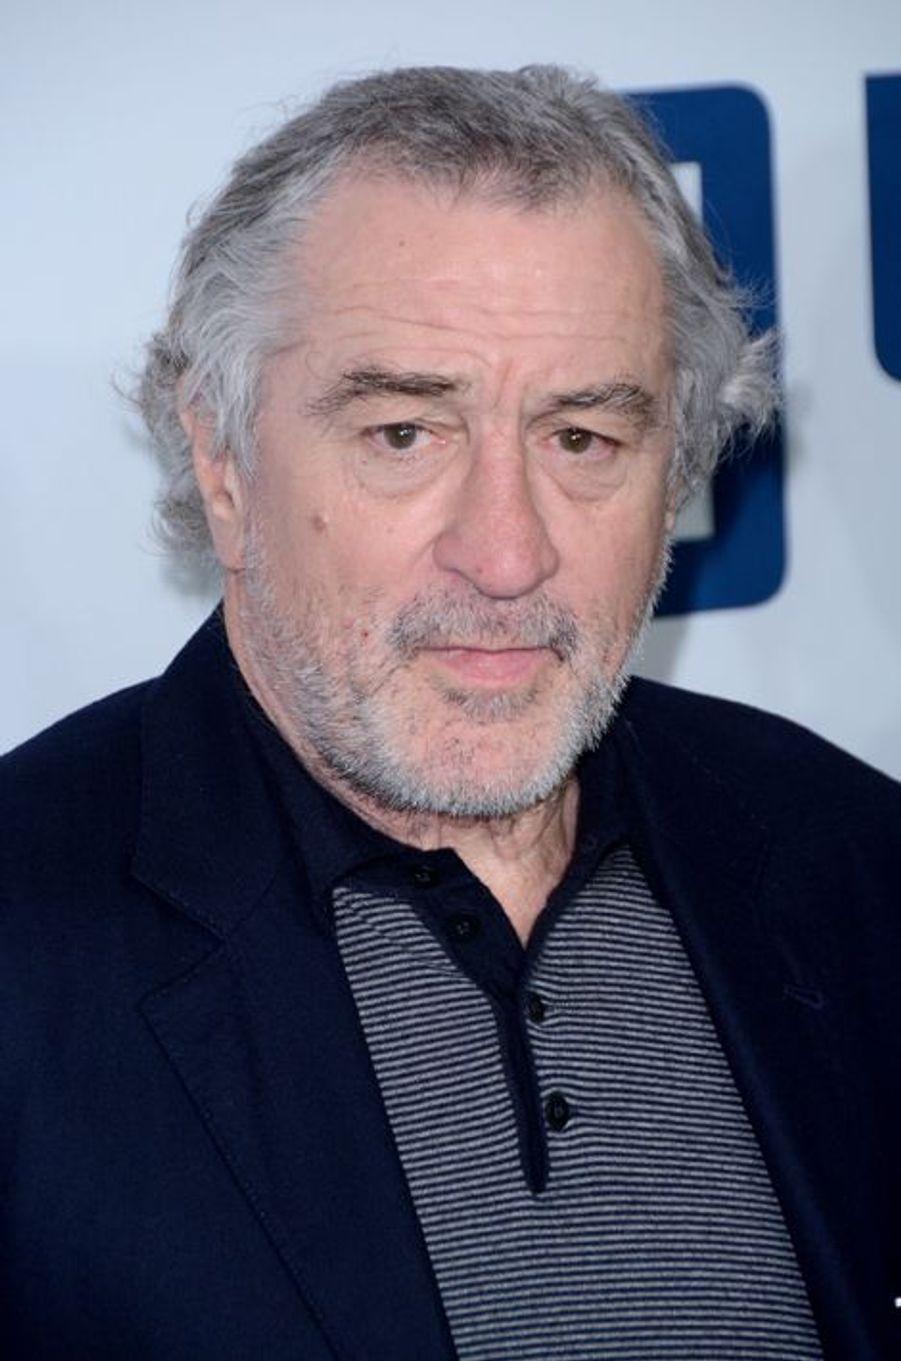 Robert de Niro à New York le 13 décembre 2015